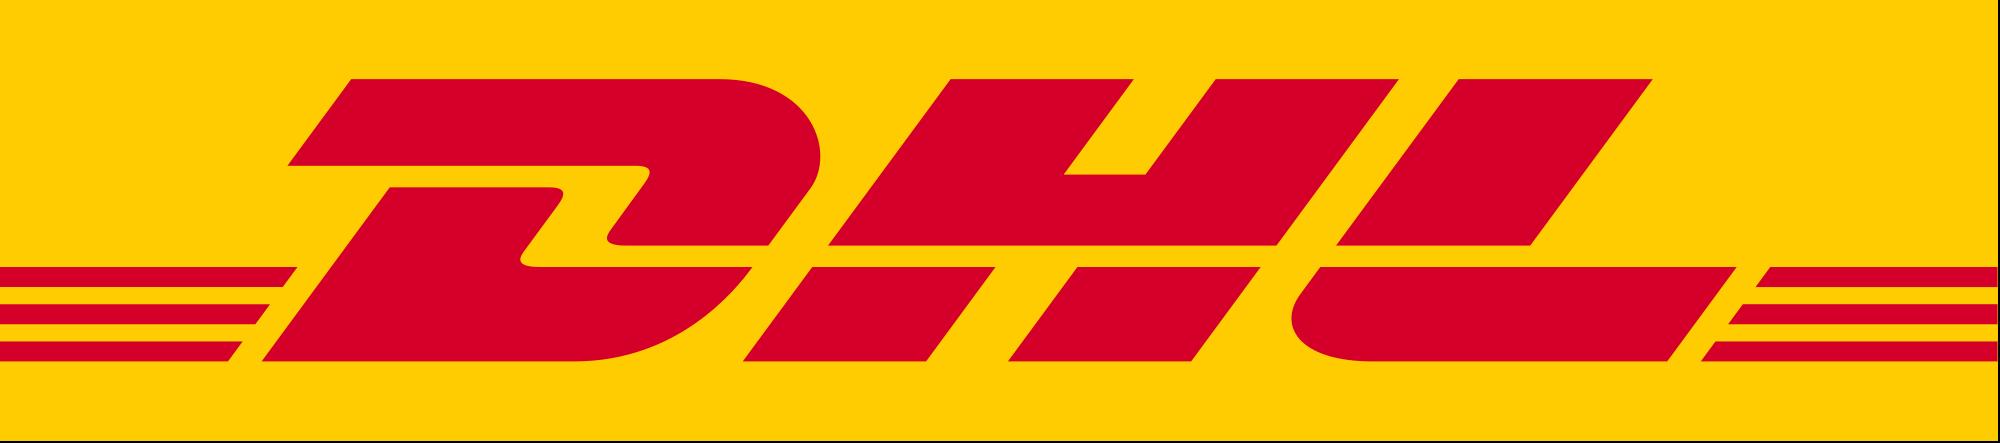 Firmenfitness bei DHL als Maßnahme für betriebliches Gesundheitsmanagement